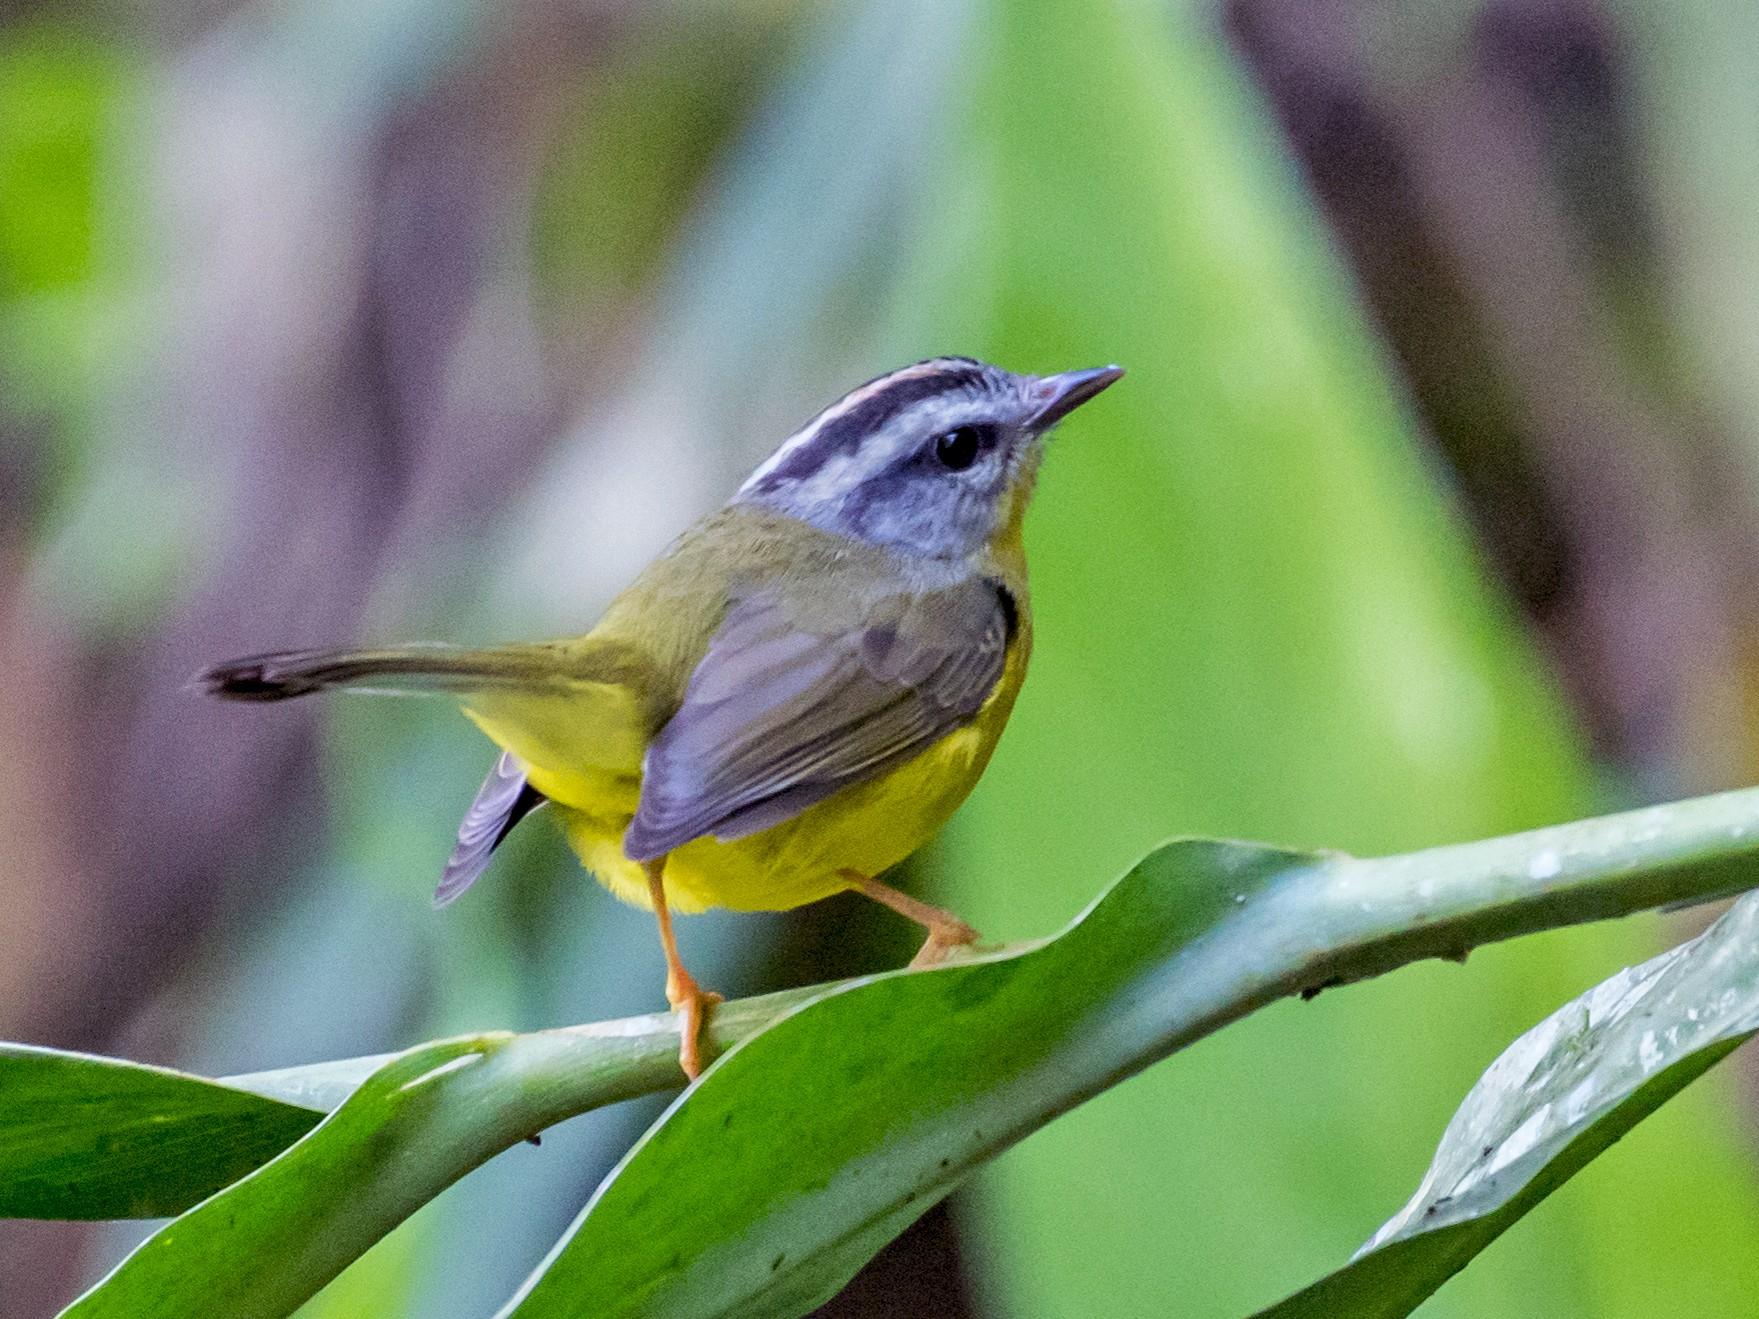 Golden-crowned Warbler - Hank Davis